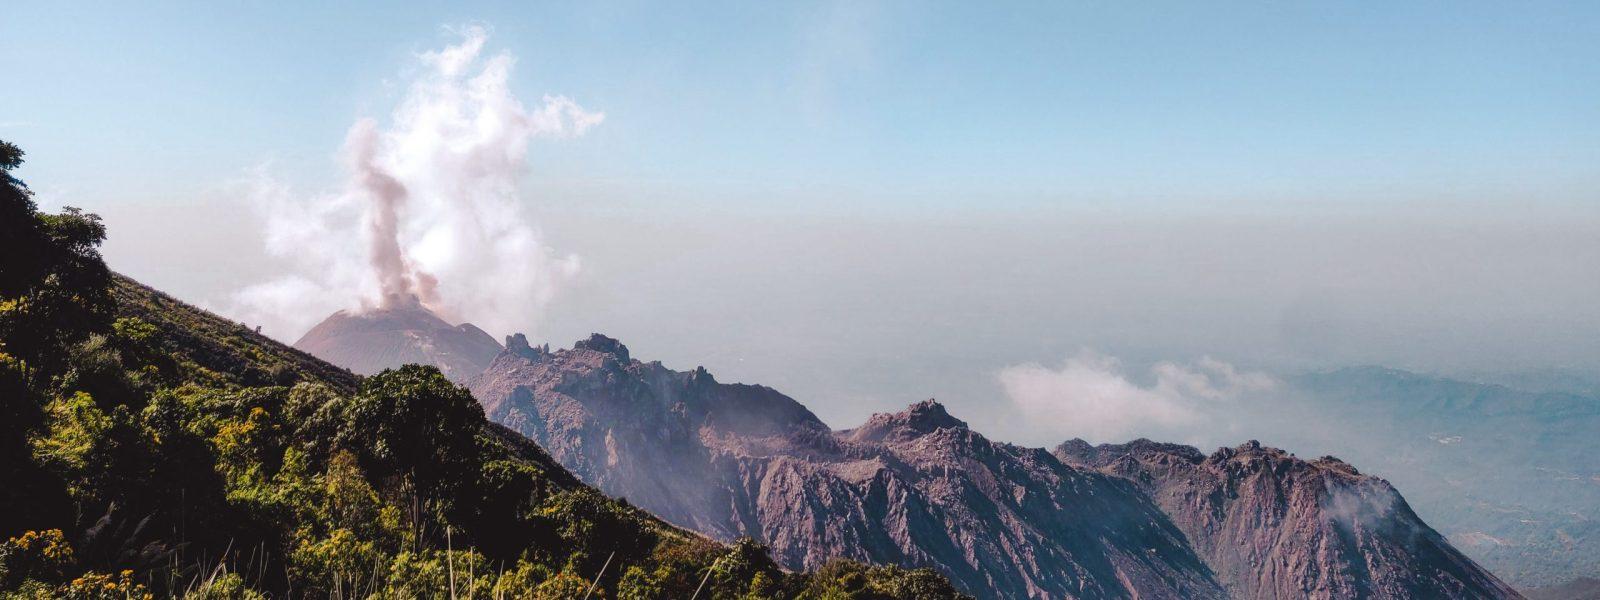 De Santiaguito: hike naar de gevaarlijkste vulkaan van Guatemala